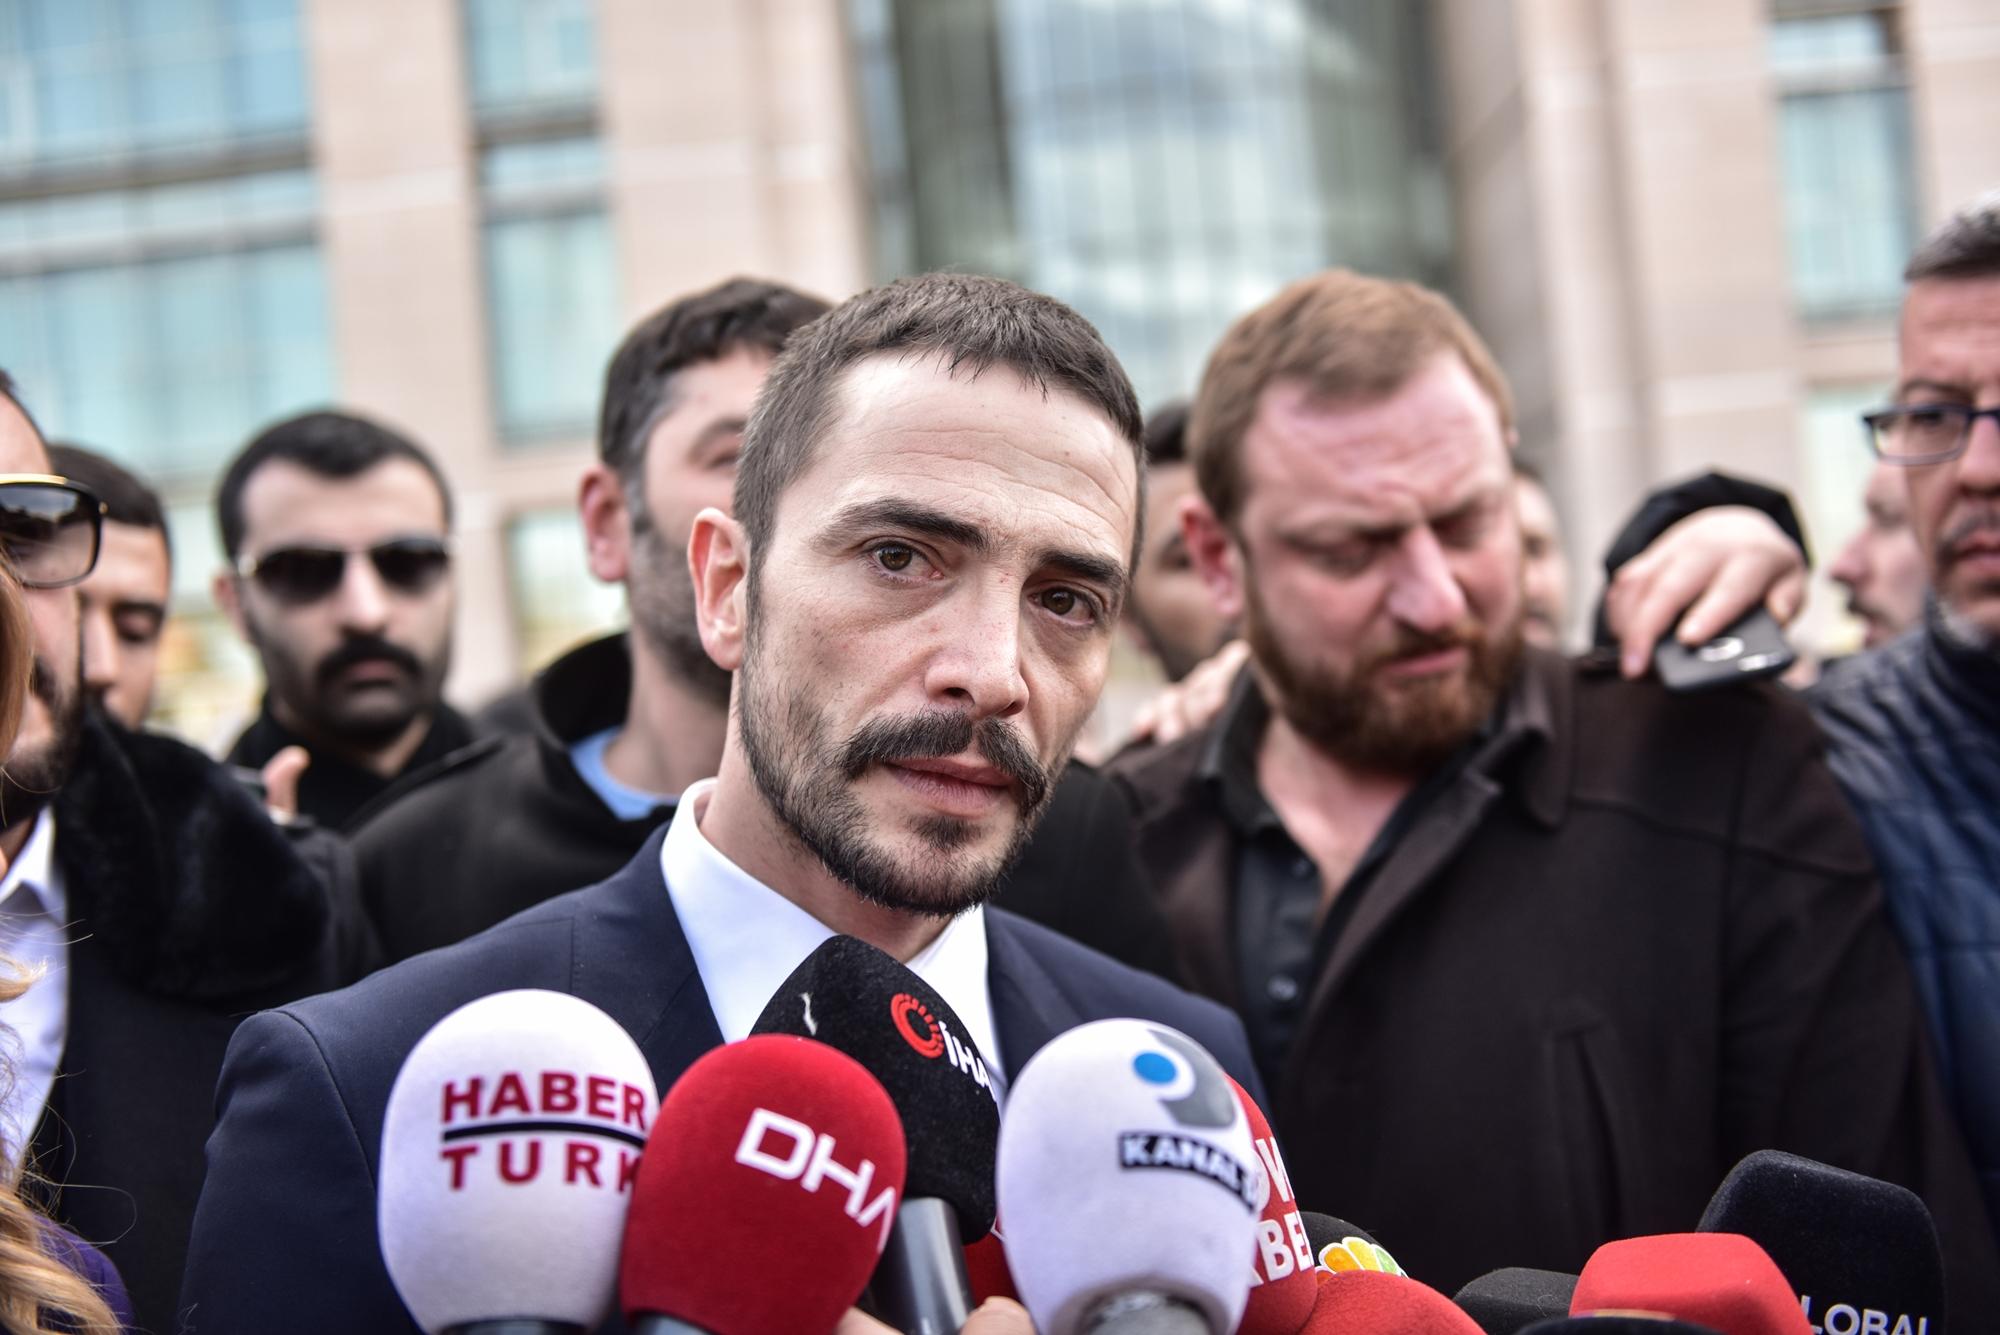 Oyuncu+Ahmet+Kural%E2%80%99a+5+y%C4%B1la+kadar+hapis+istemi%21;